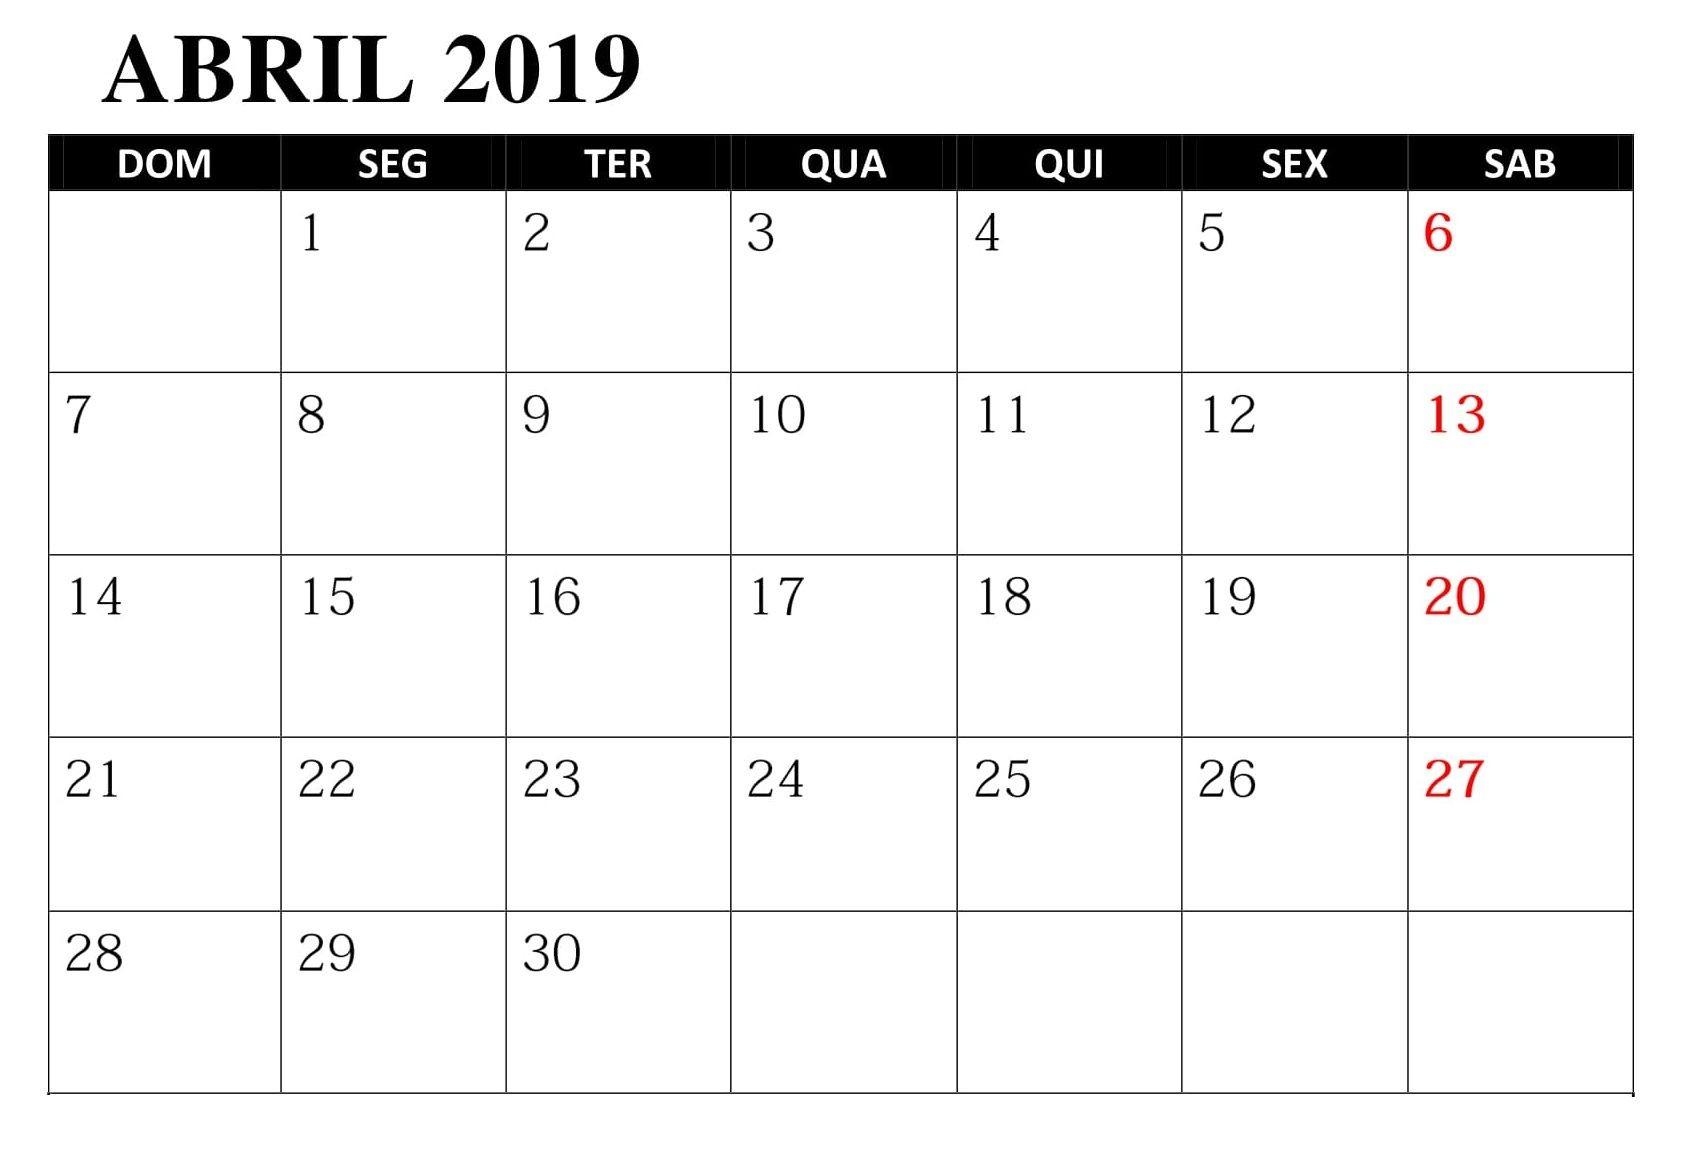 Calendario 2020 Argentina Más Arriba-a-fecha Calendrio Abril 2019 Imprimir Mesa T Of Calendario 2020 Argentina Más Recientes Calendario Diciembre De 2019 53ld Calendario T